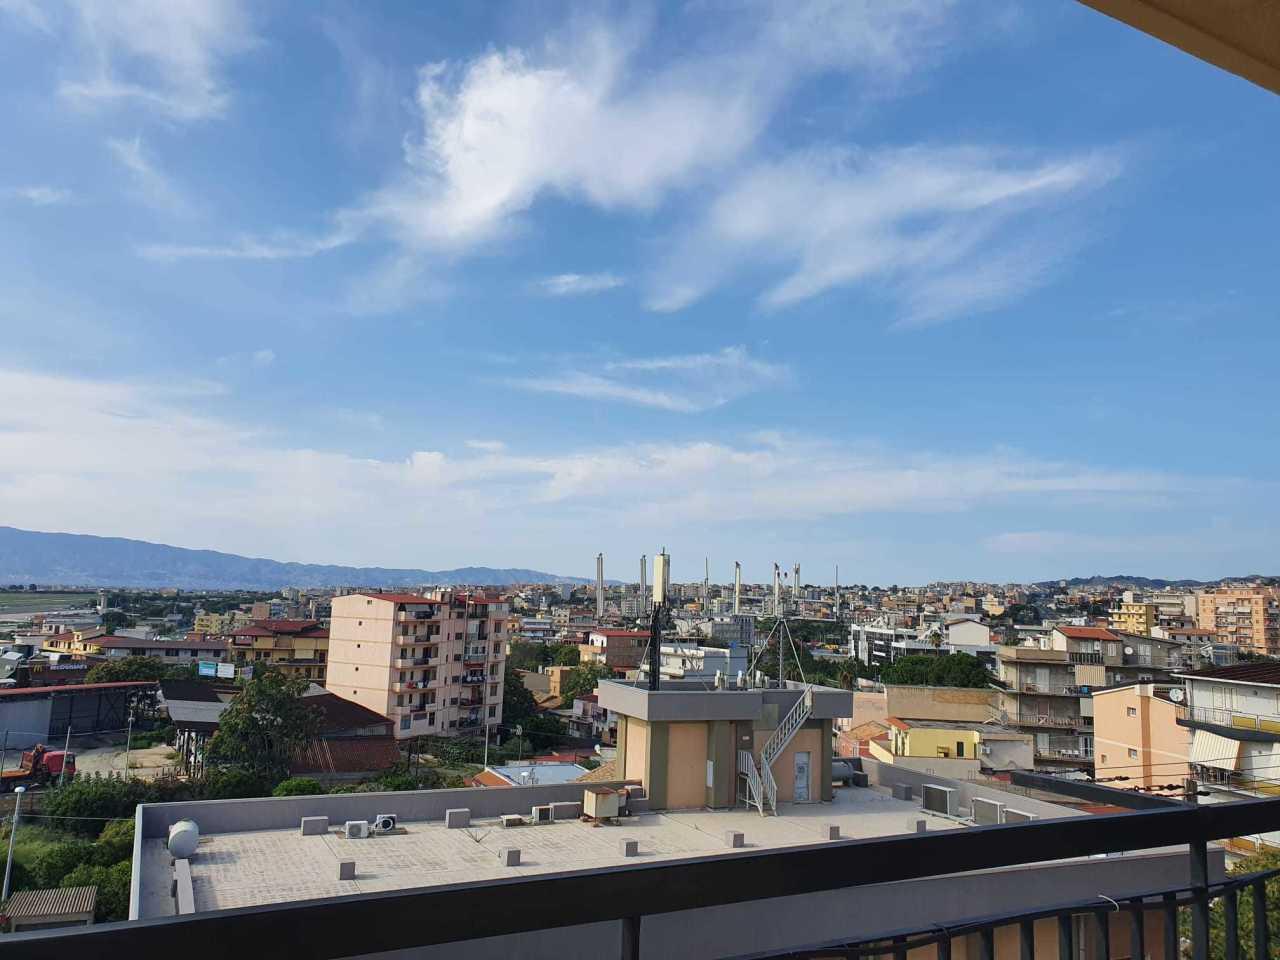 Appartamento in vendita a Reggio Calabria, 5 locali, prezzo € 160.000 | CambioCasa.it